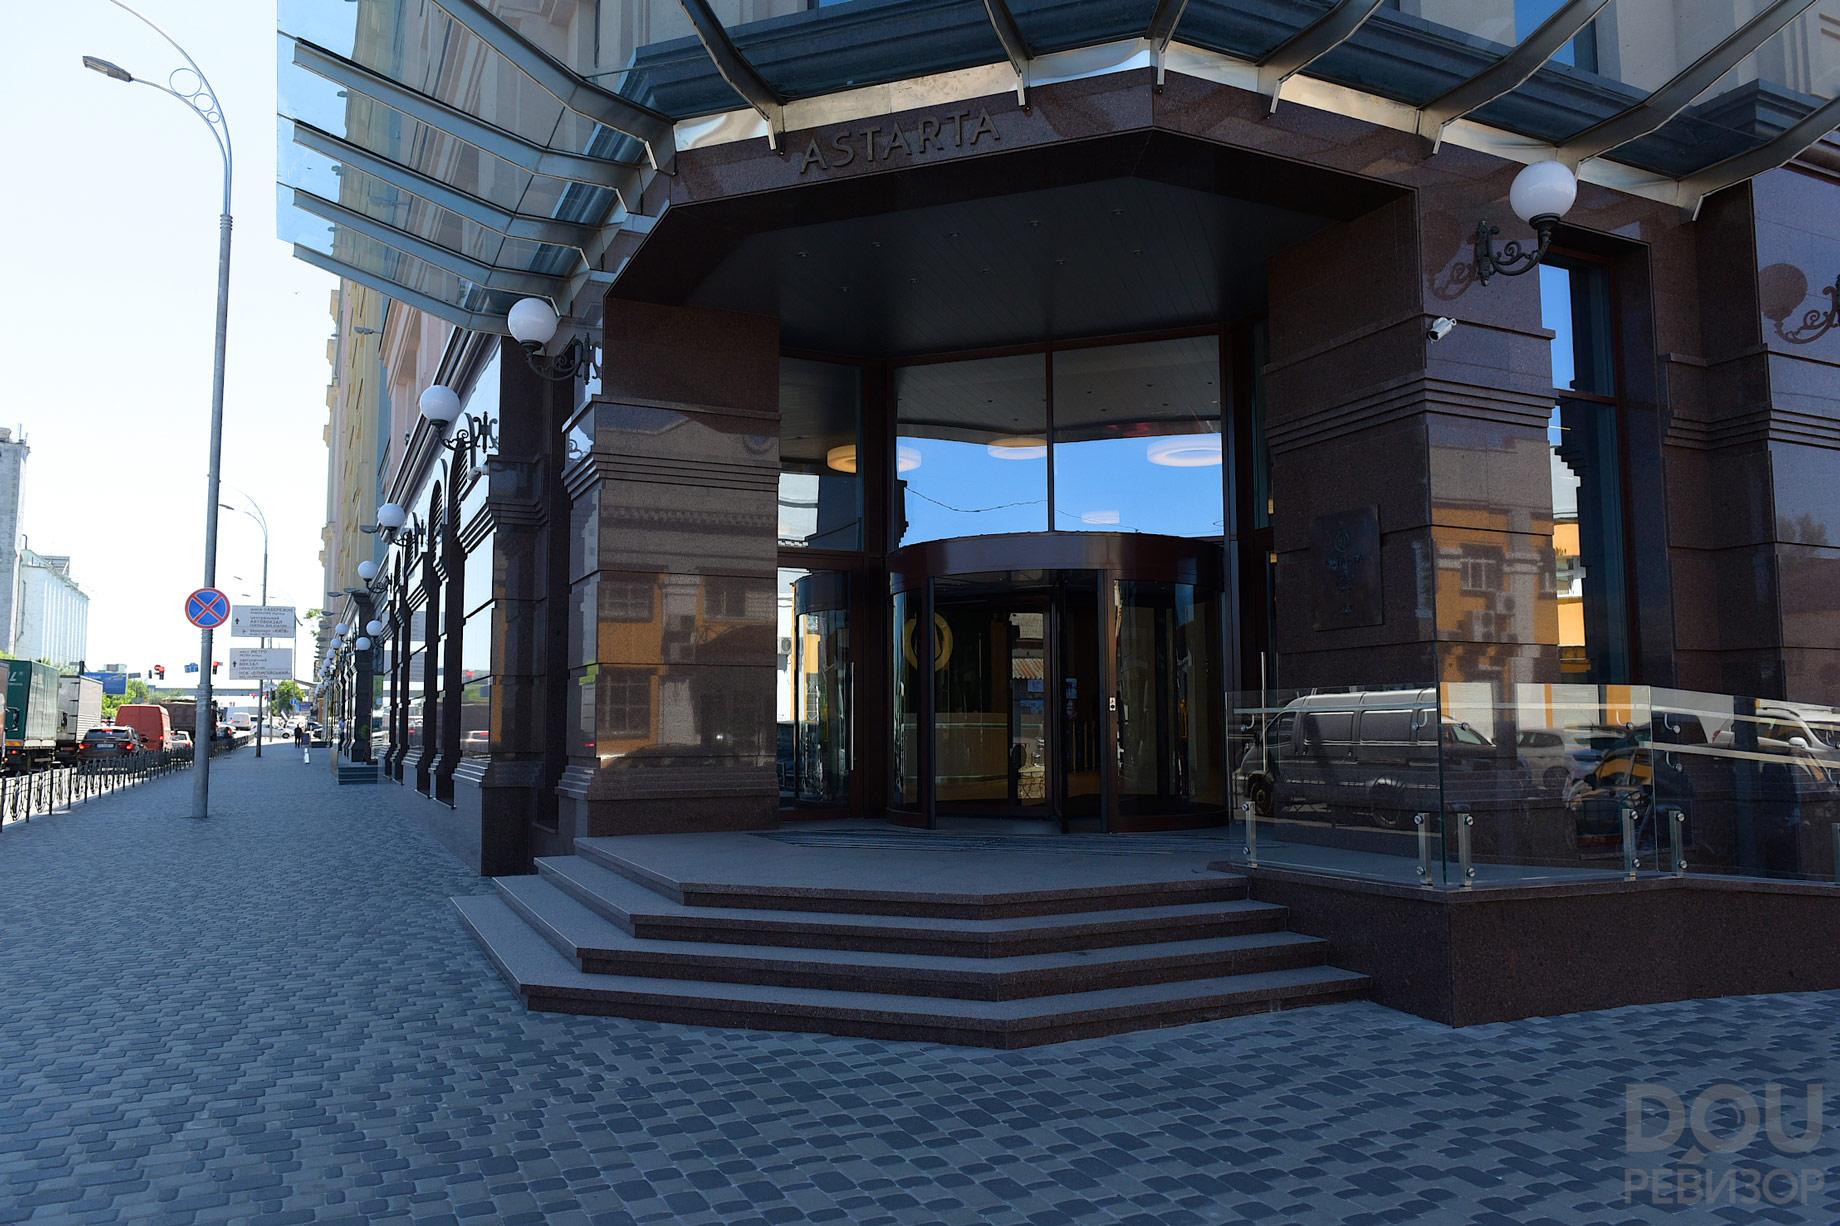 6db54382e4899 ... в котором действуют специальные скидки для сотрудников компании (15%  при первой покупке абонемента и 20% на продление). Напротив БЦ — магазин  Rozetka.